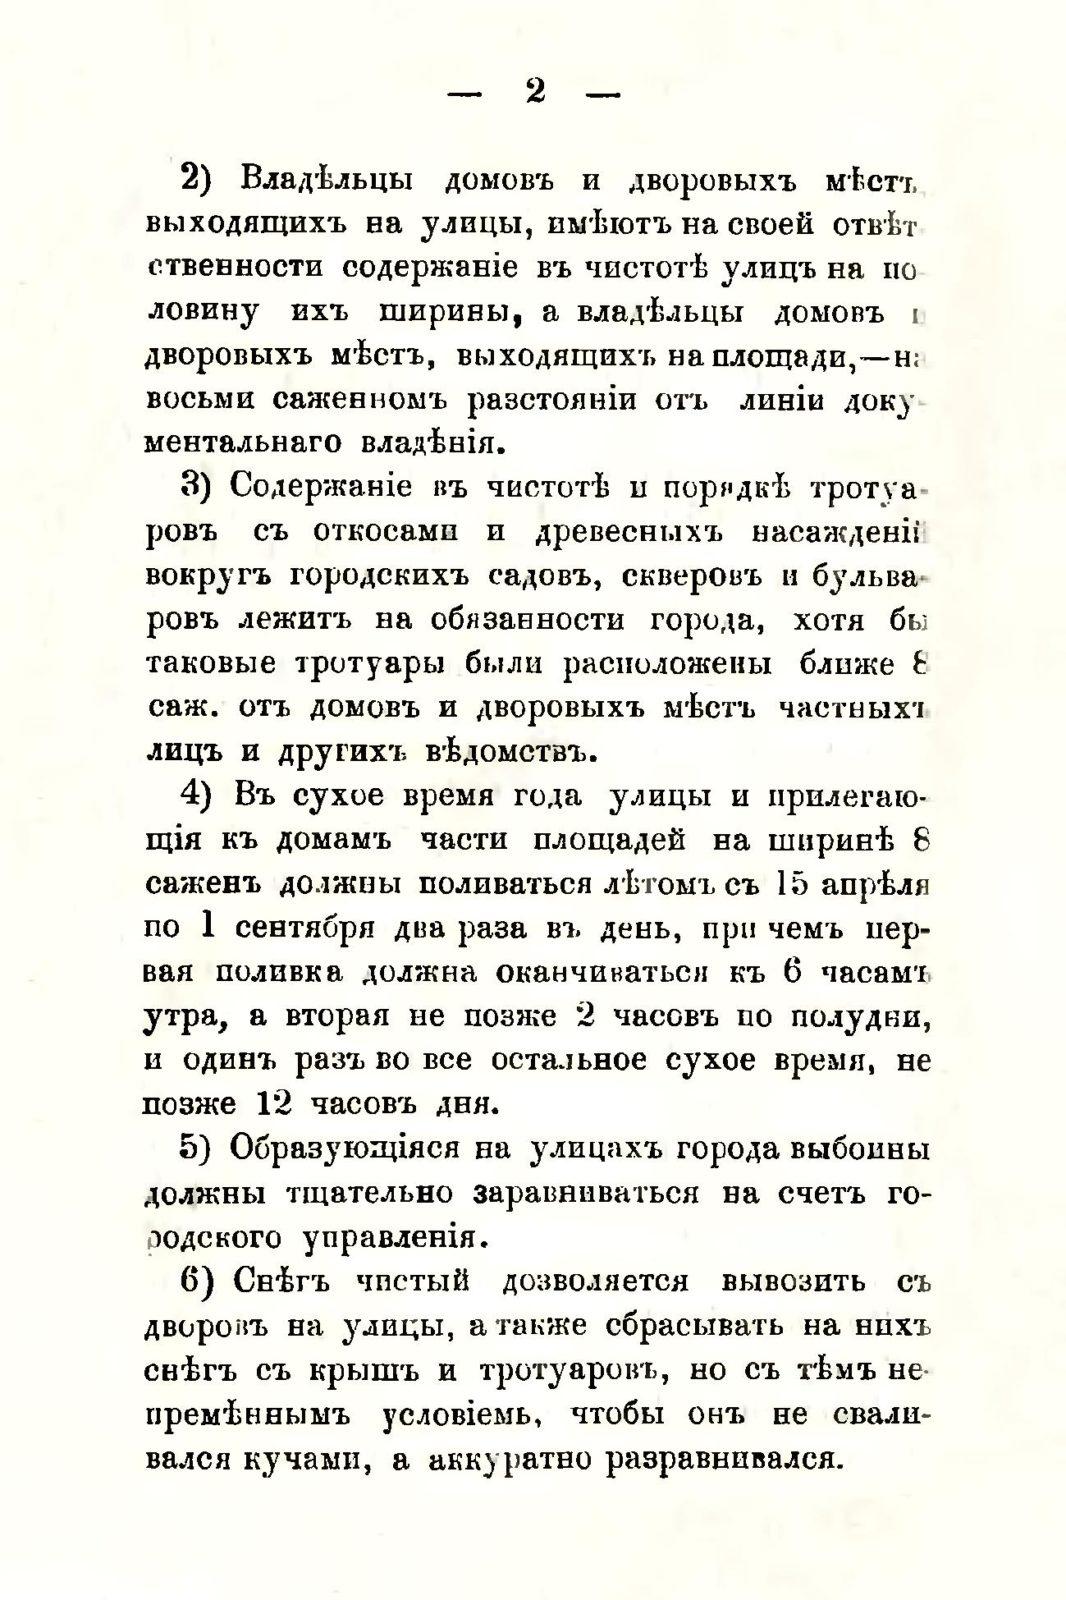 sbornik_obyazatelnyh_postanovlenii_tashkentskoi_gorodskoi_du_86